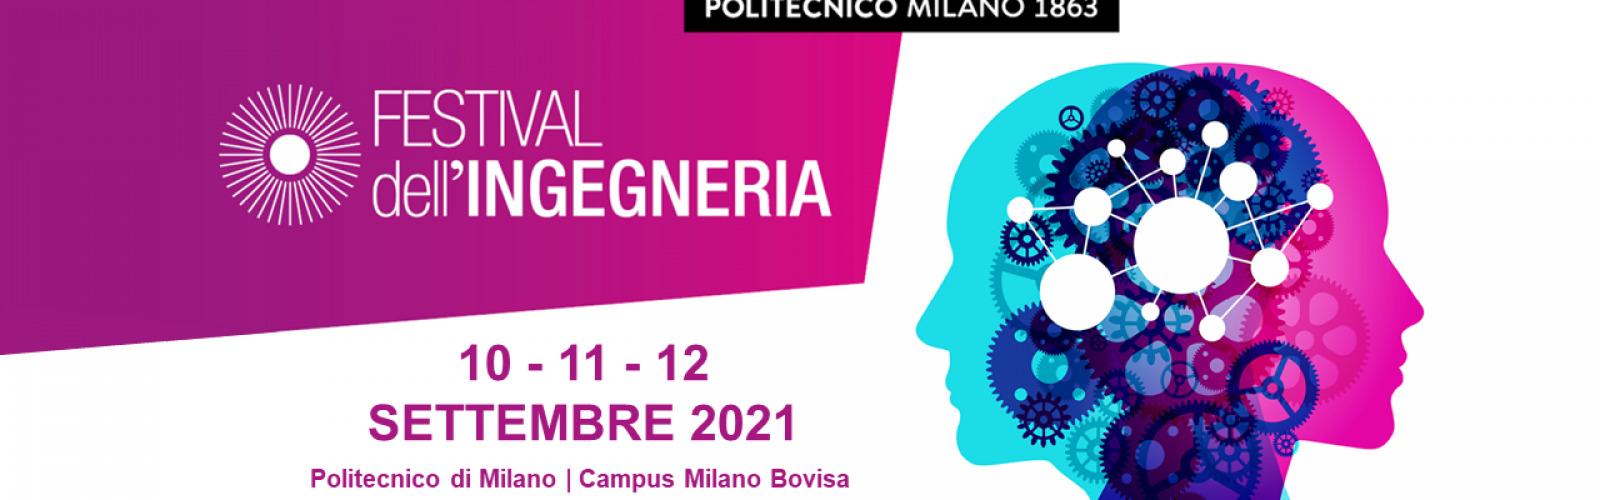 Festival dell'Ingegneria 10/11/12 settembre 2021: laboratori aperti, incontri, performance, eventi per bambini